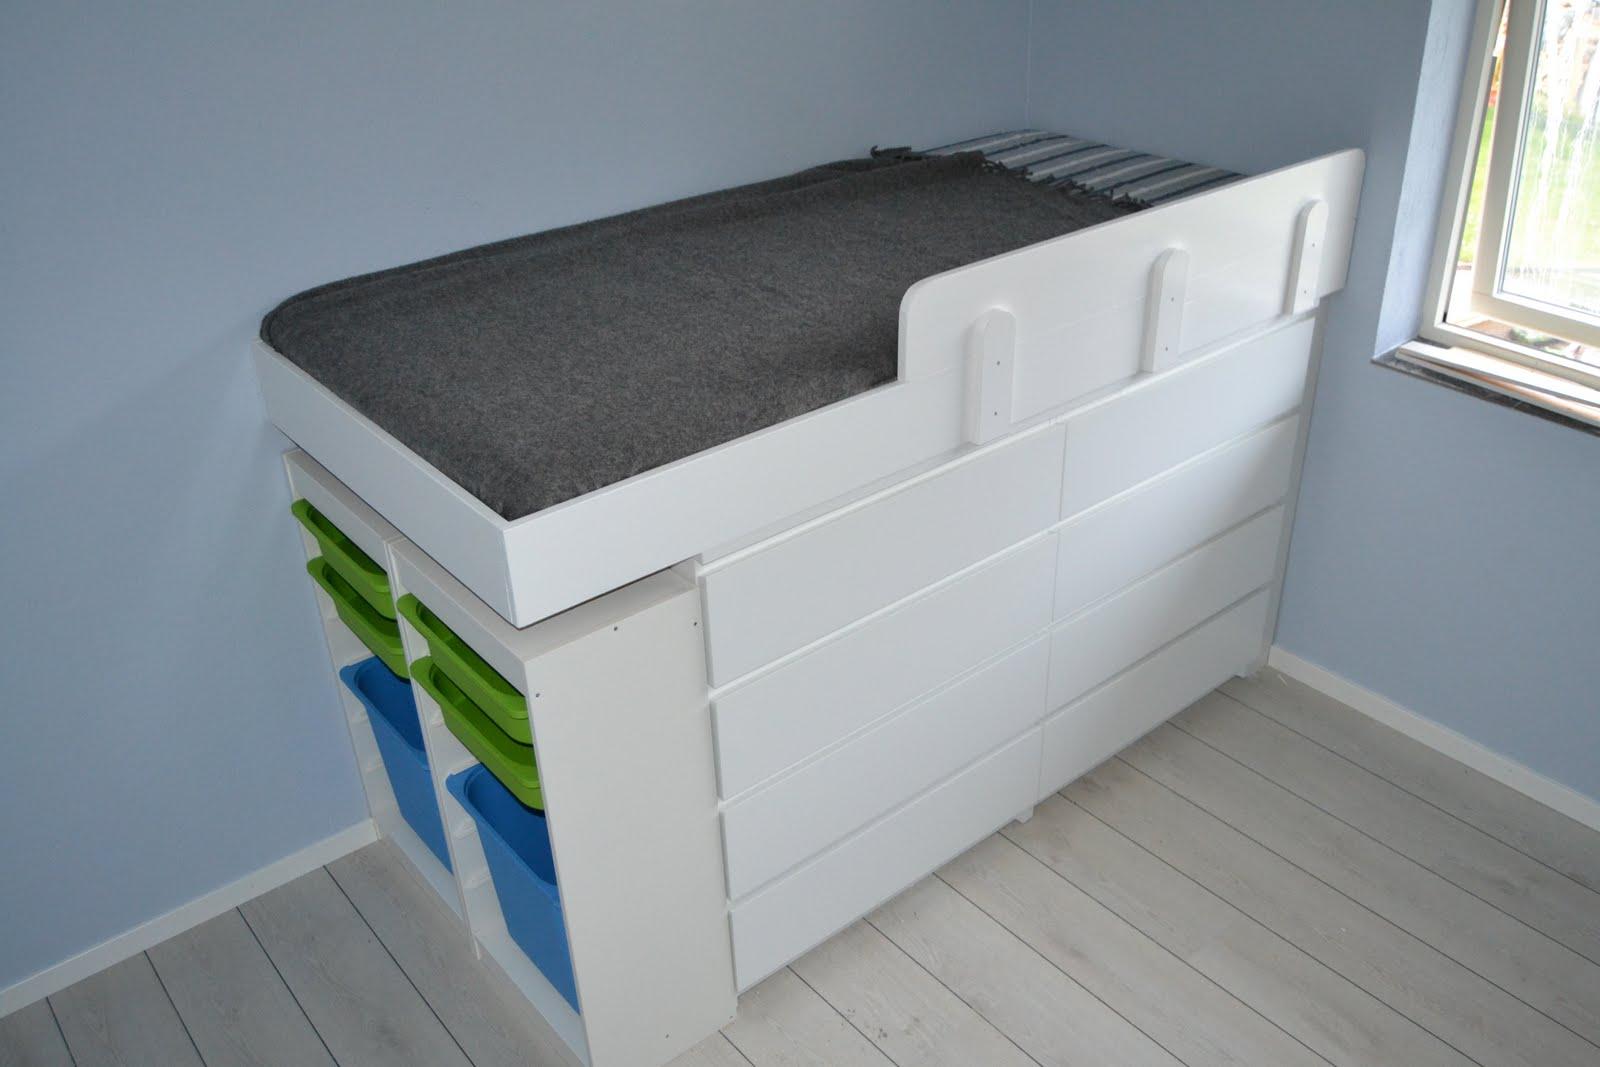 seng 120 cm excellent svane zonic x with seng 120 cm seng med opbevaring u smarte senge med. Black Bedroom Furniture Sets. Home Design Ideas